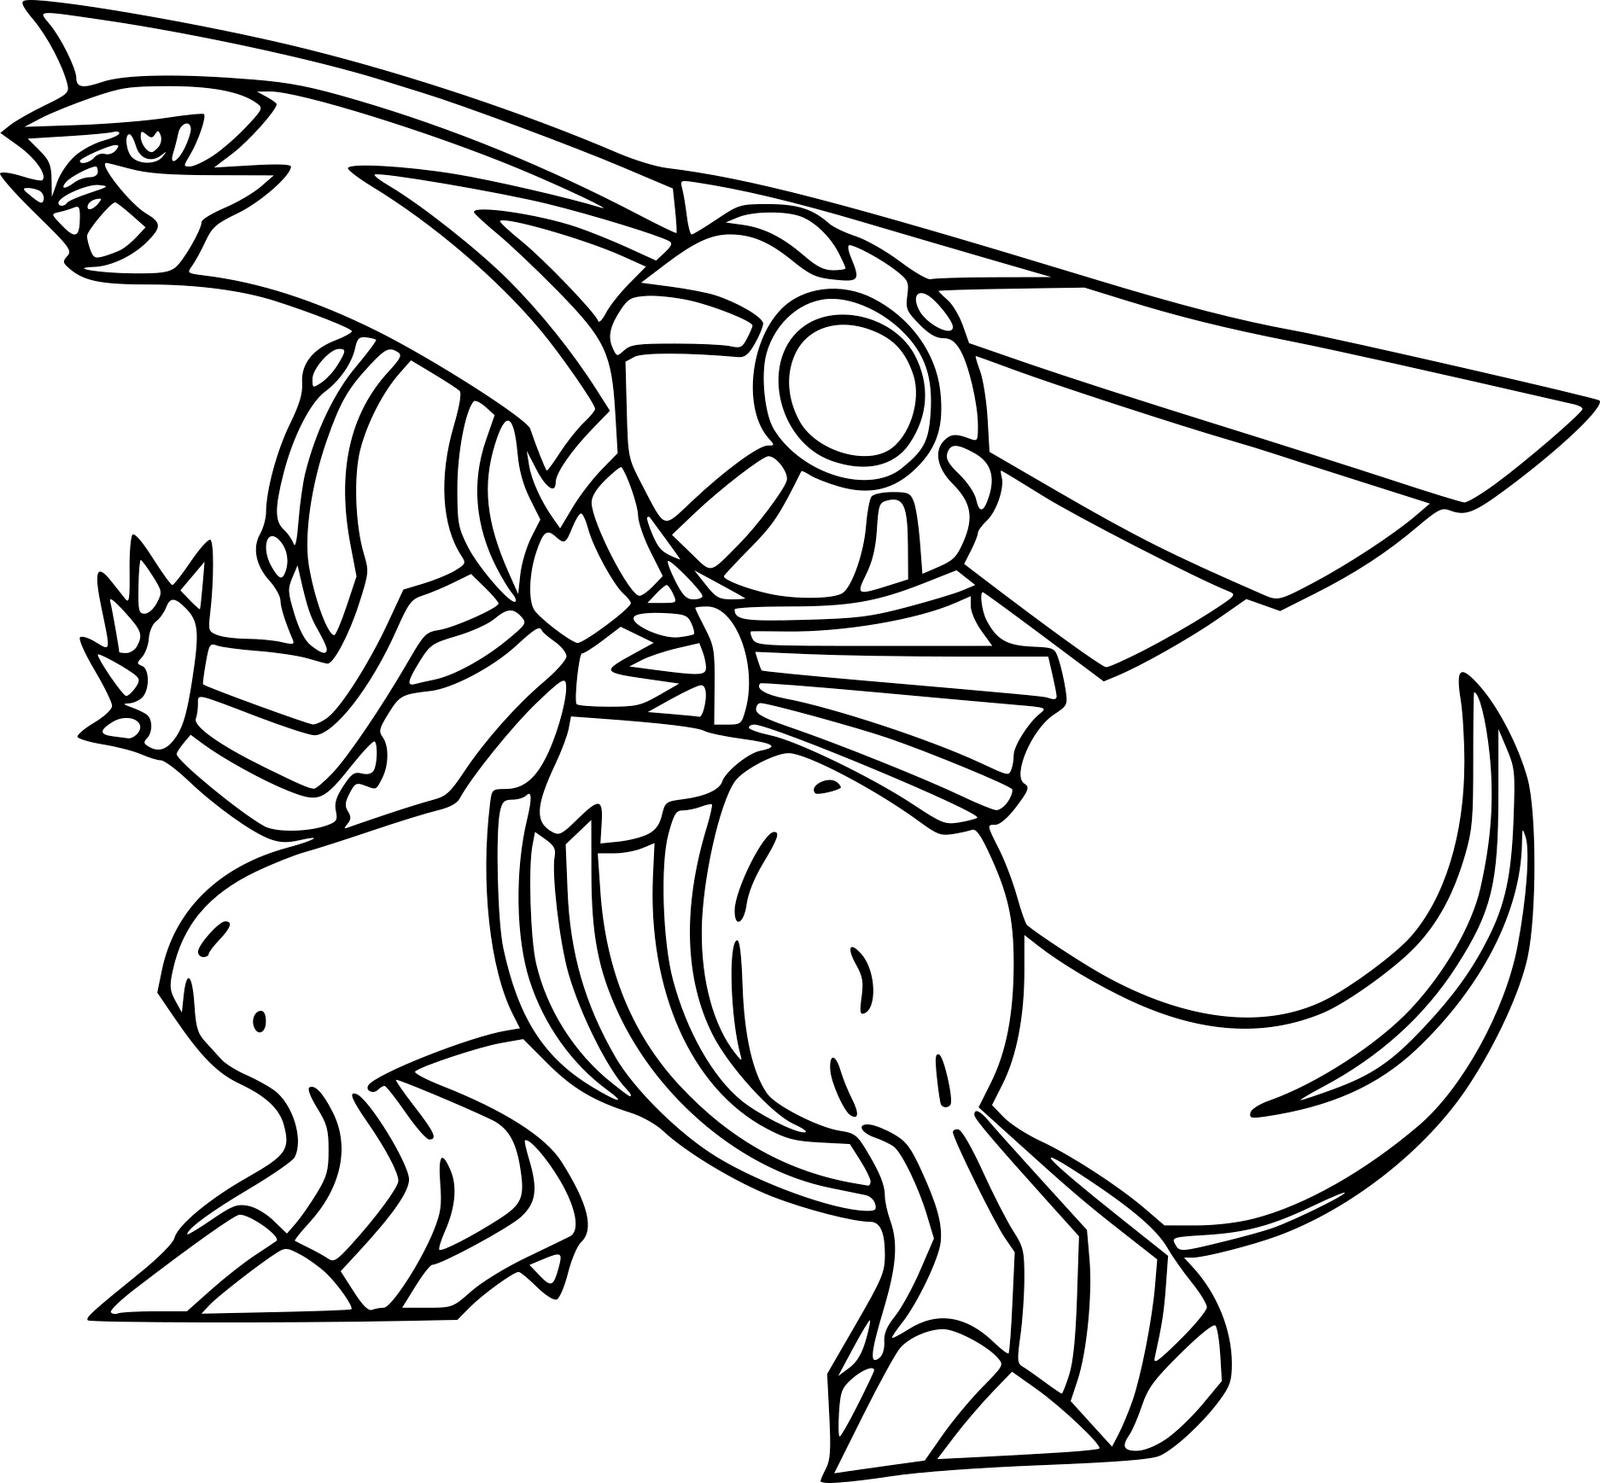 Dragon Palkia Pokemon Coloring Sheet